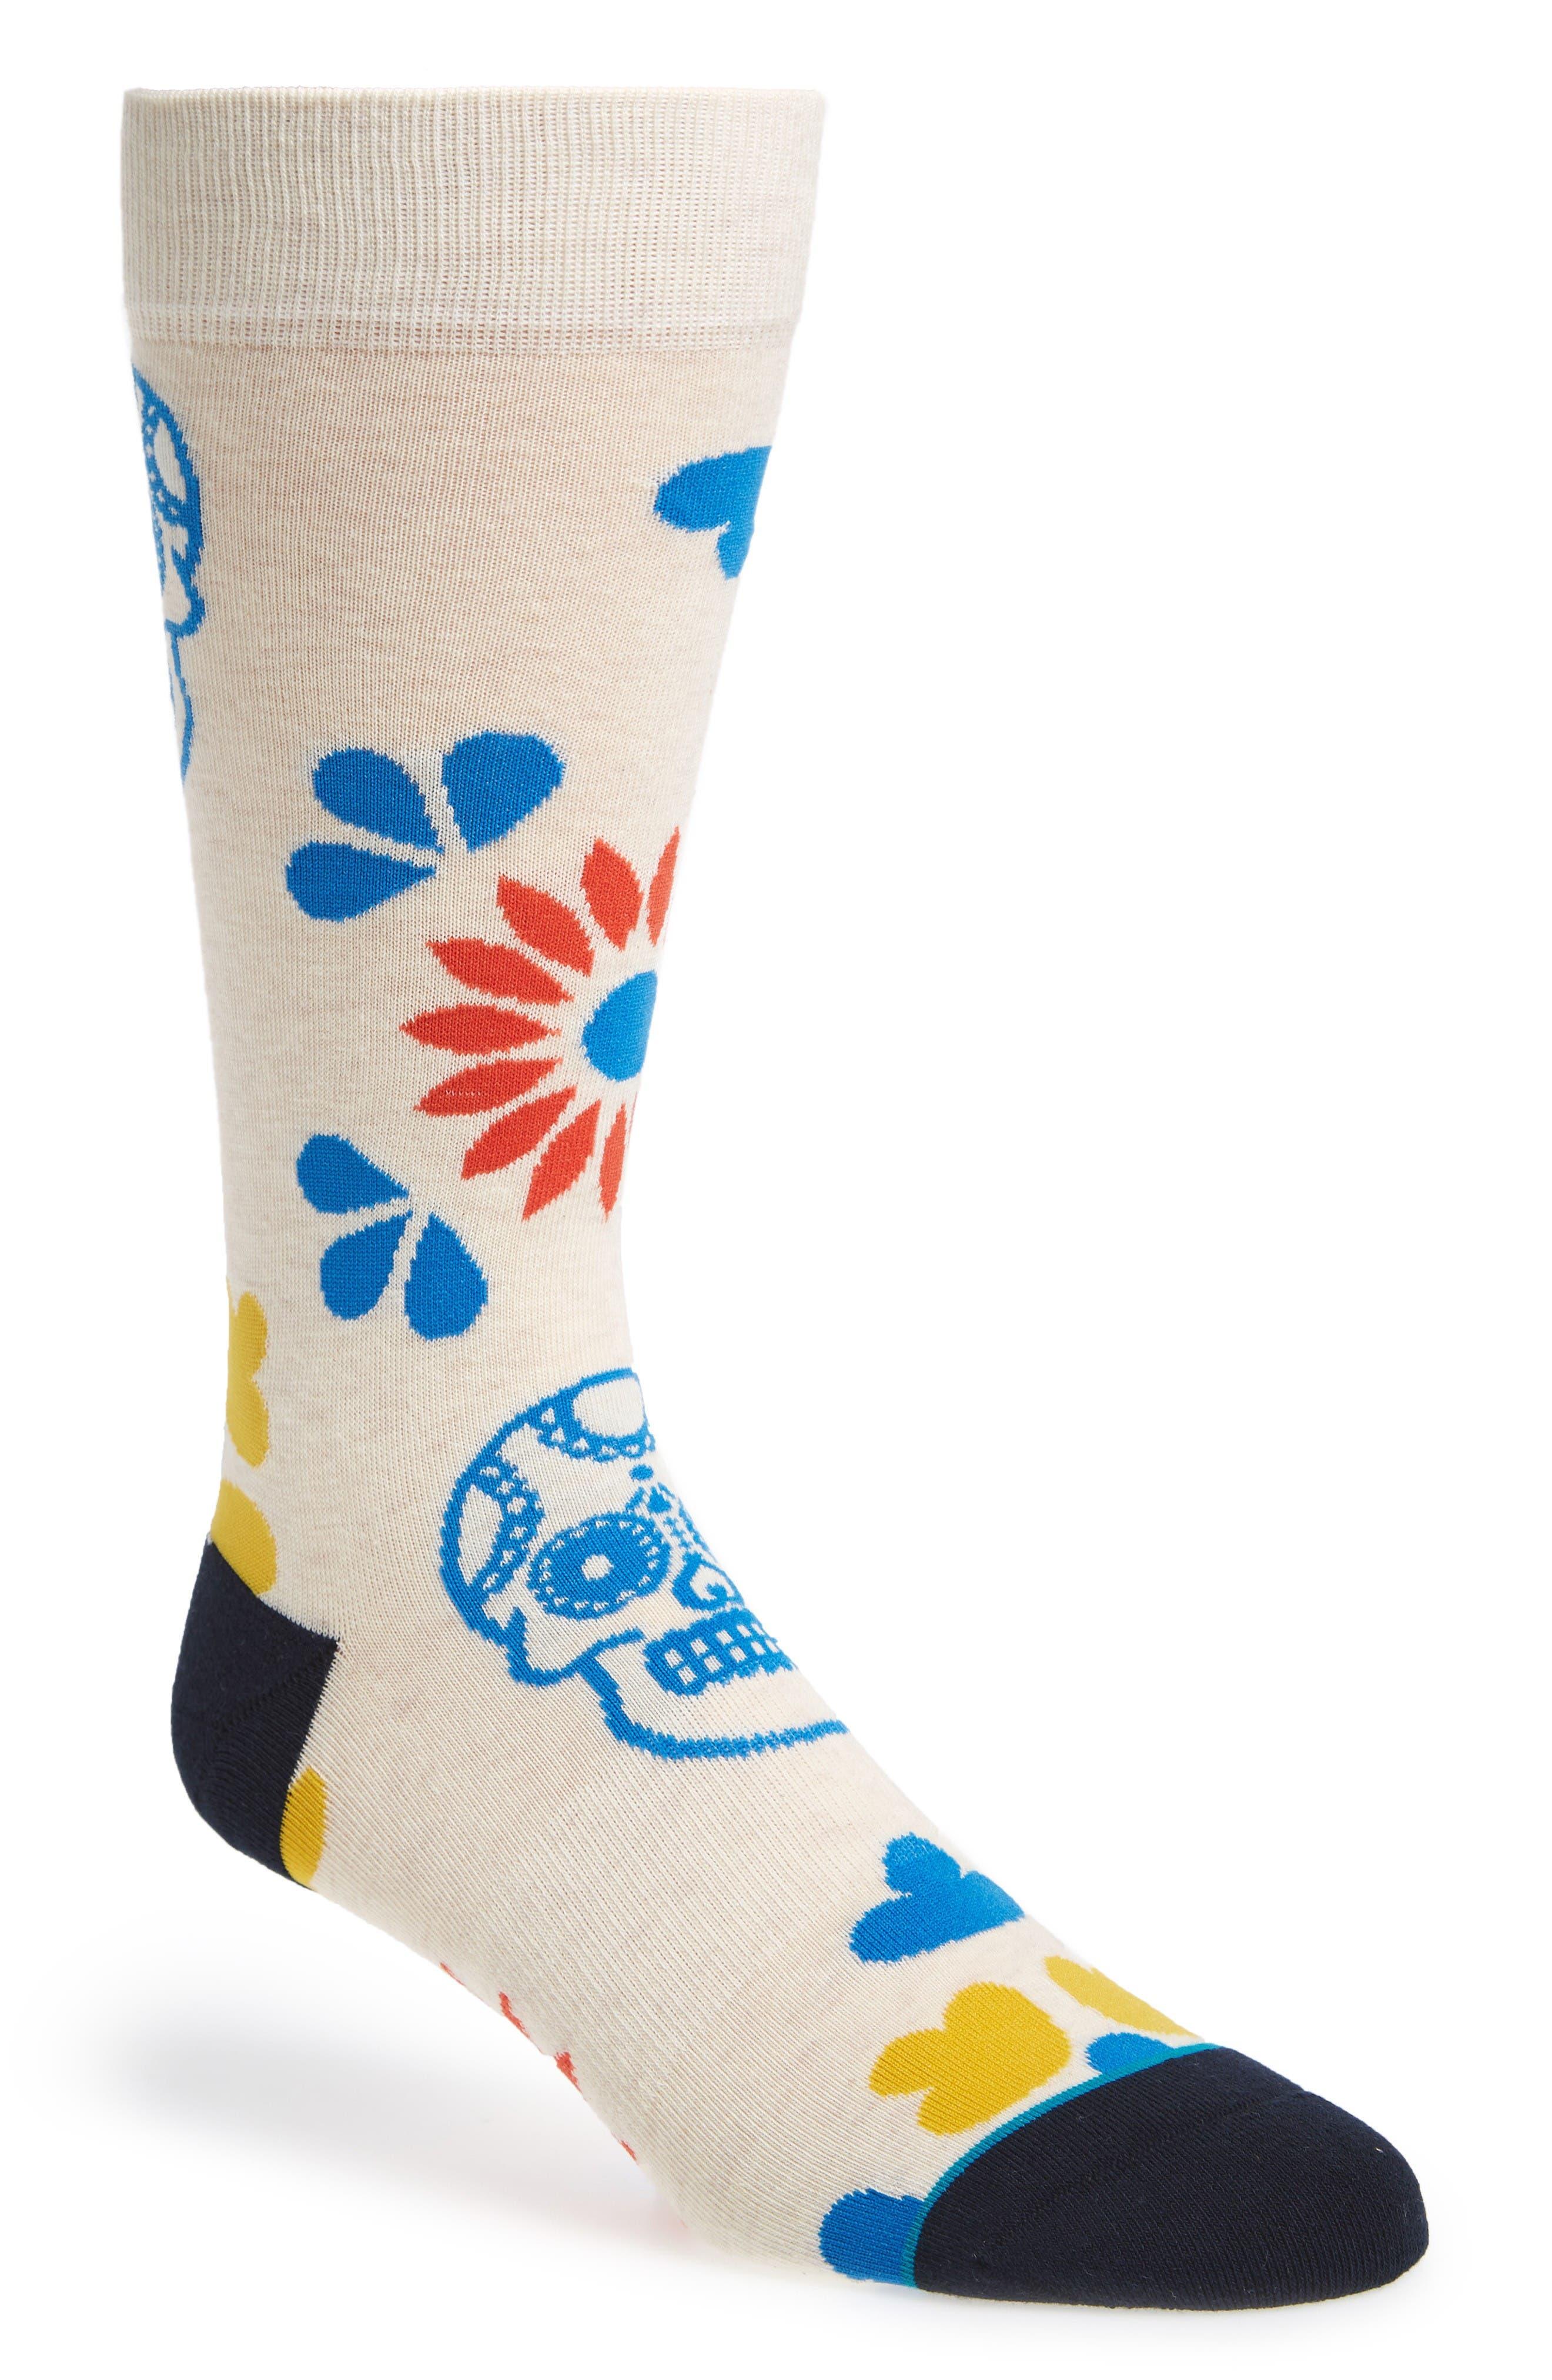 Dia Crew Socks,                             Main thumbnail 1, color,                             White